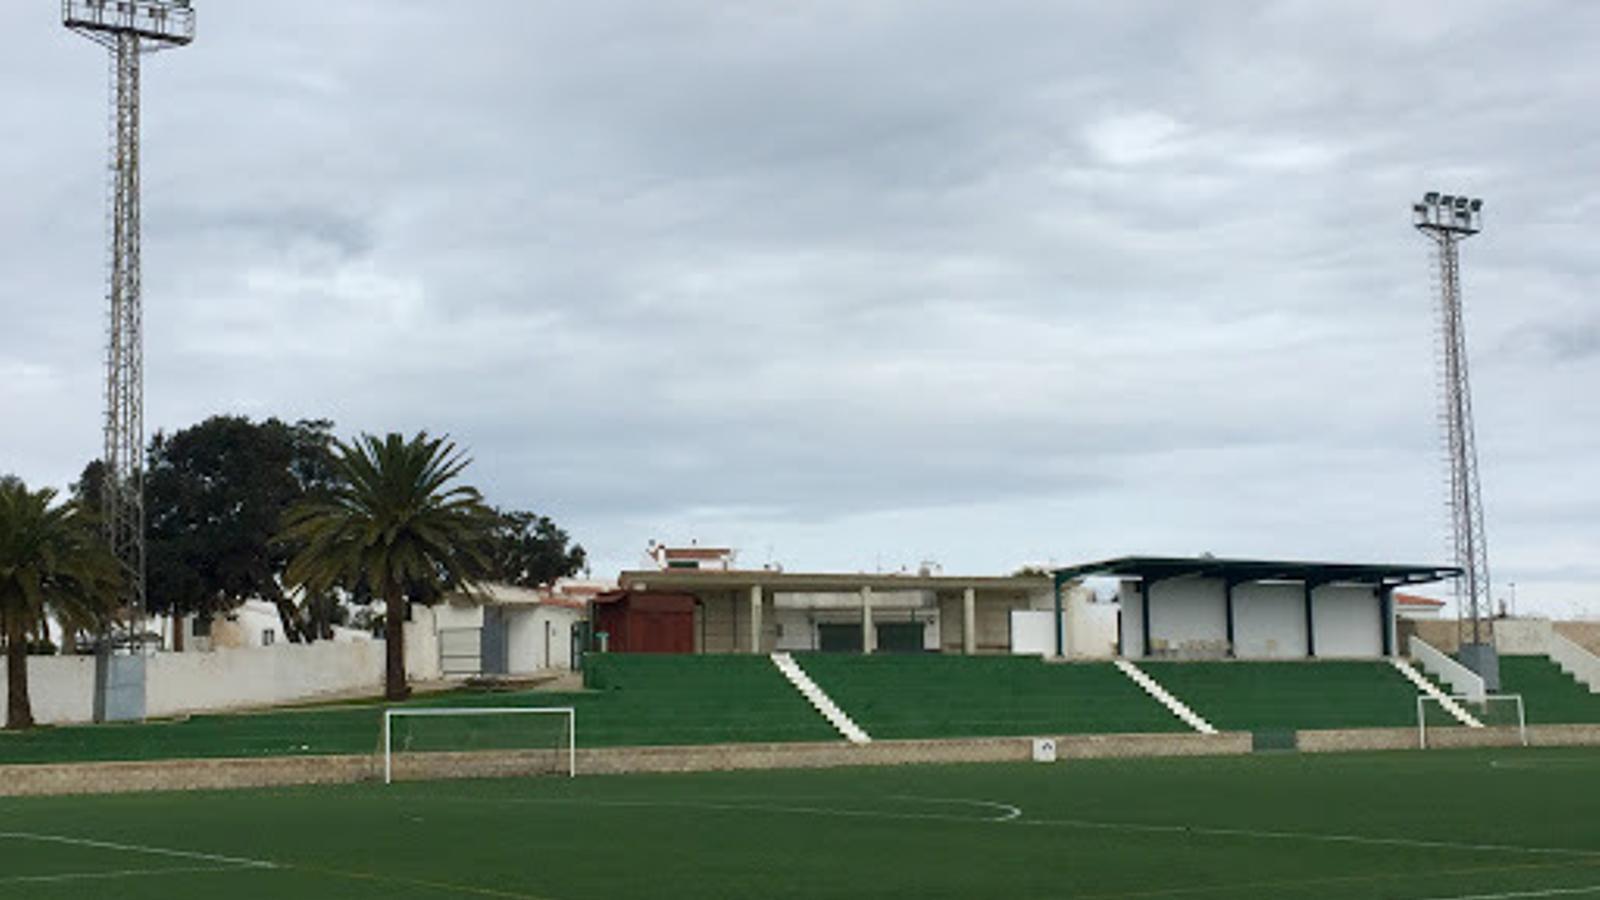 El camp municipal de futbol d'Es Migjorn escenifica les discrepàncies entre ajuntament i Consell.